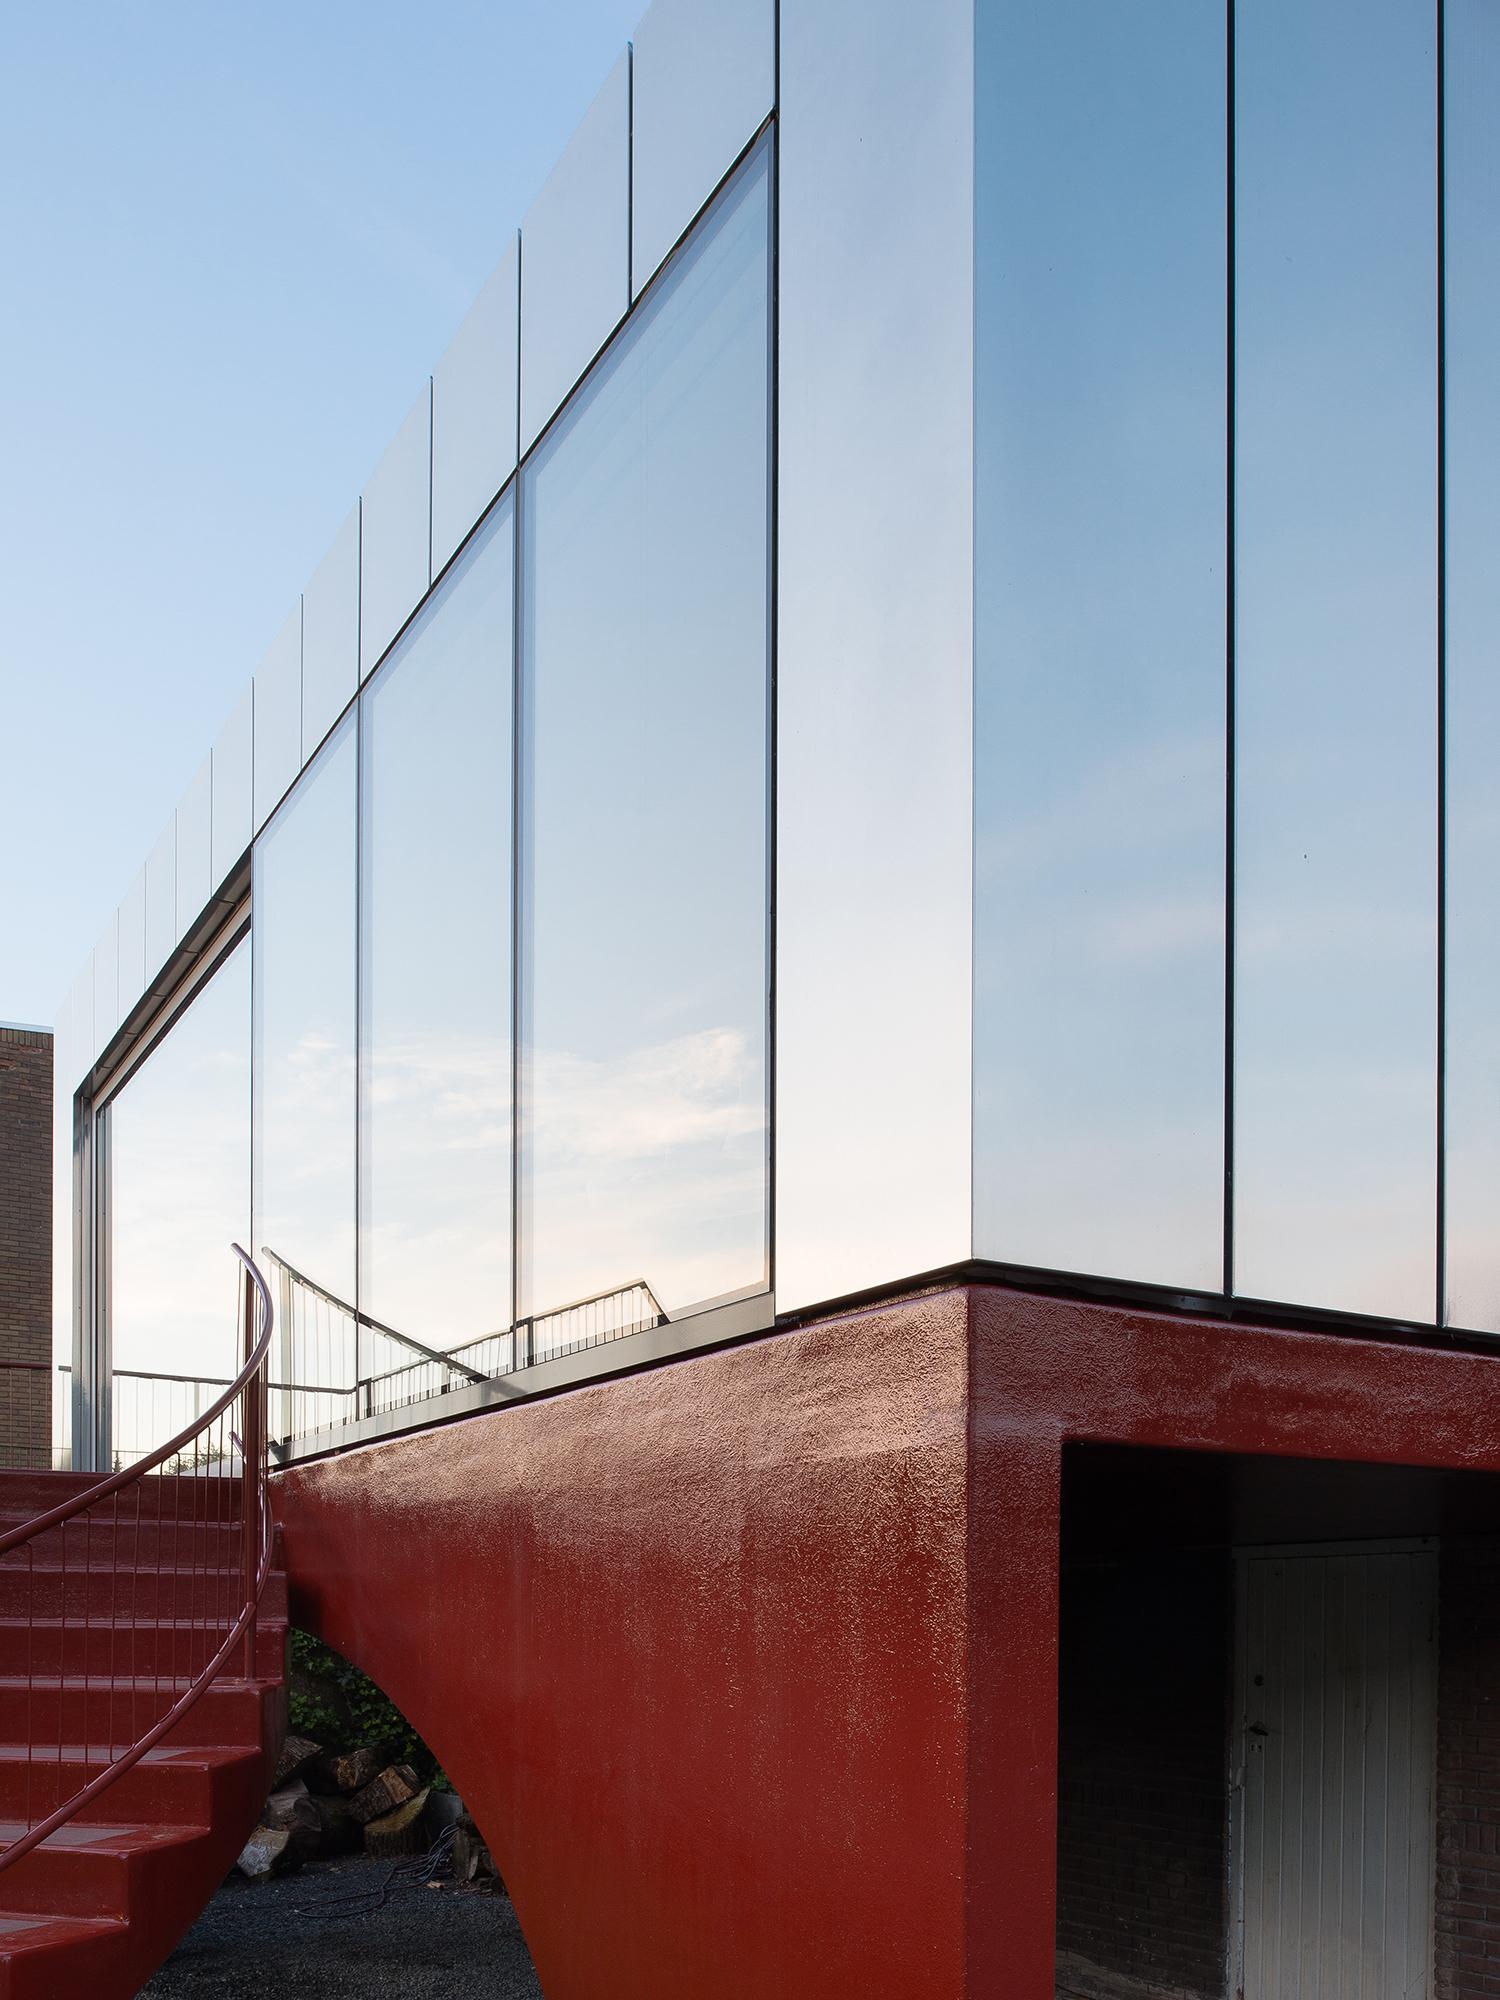 001_Image_Zoom facade.jpg